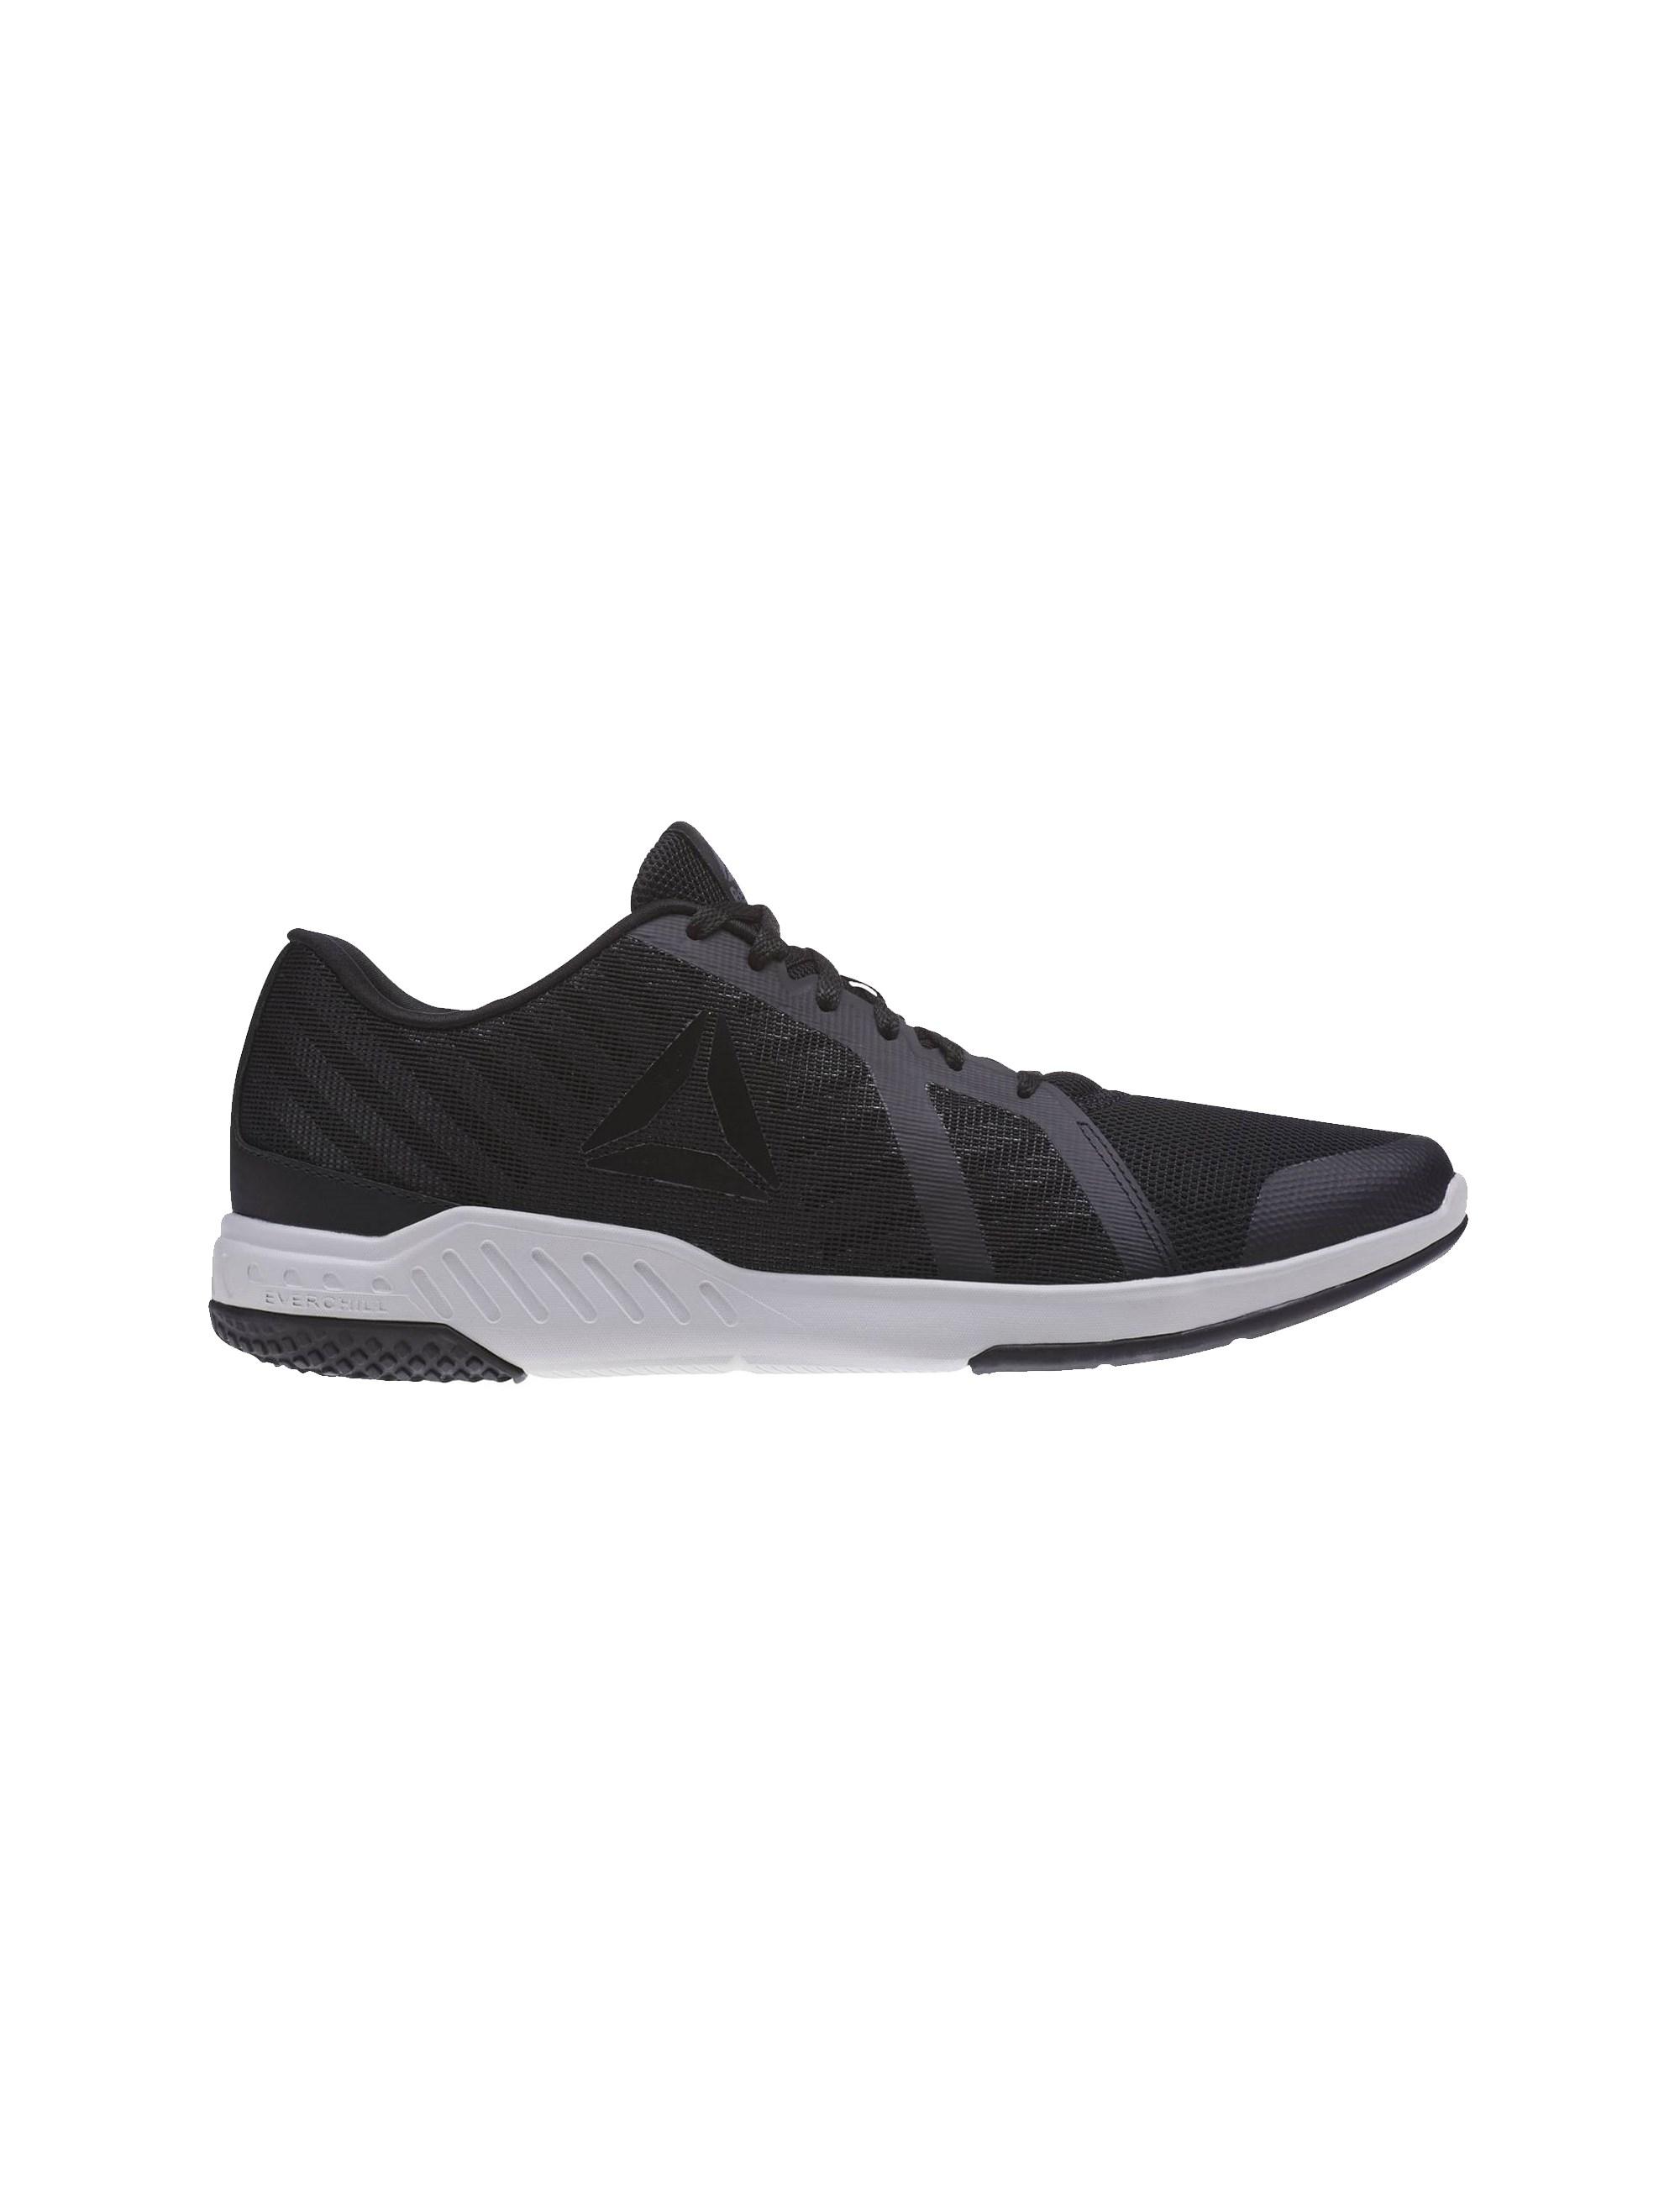 قیمت کفش تمرین بندی مردانه Everchill - ریباک